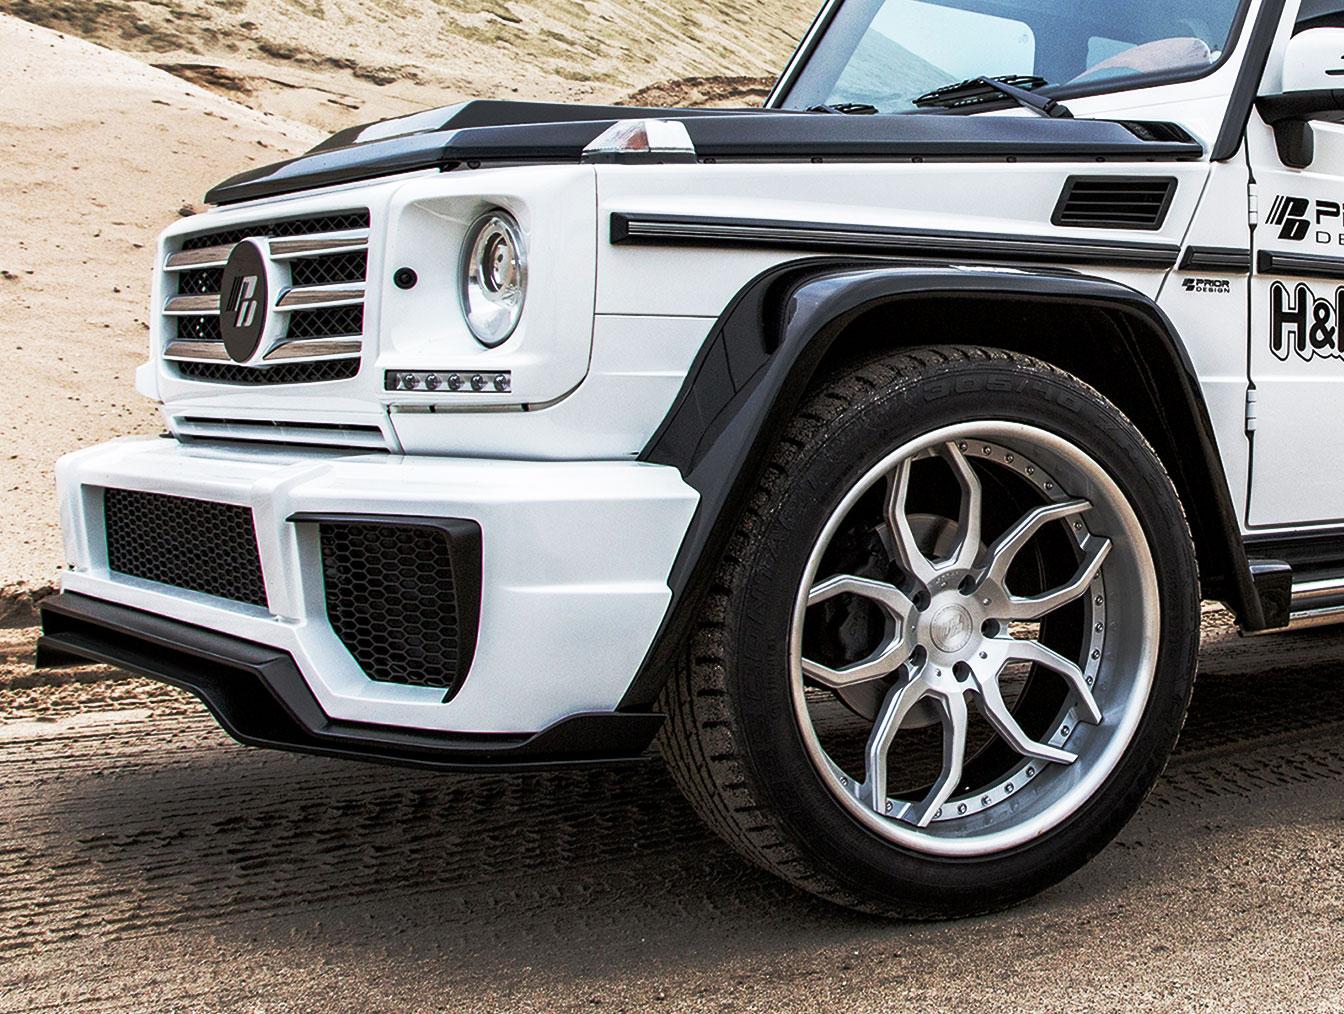 P650D Front Bumper suitable for Mercedes G-Class W463